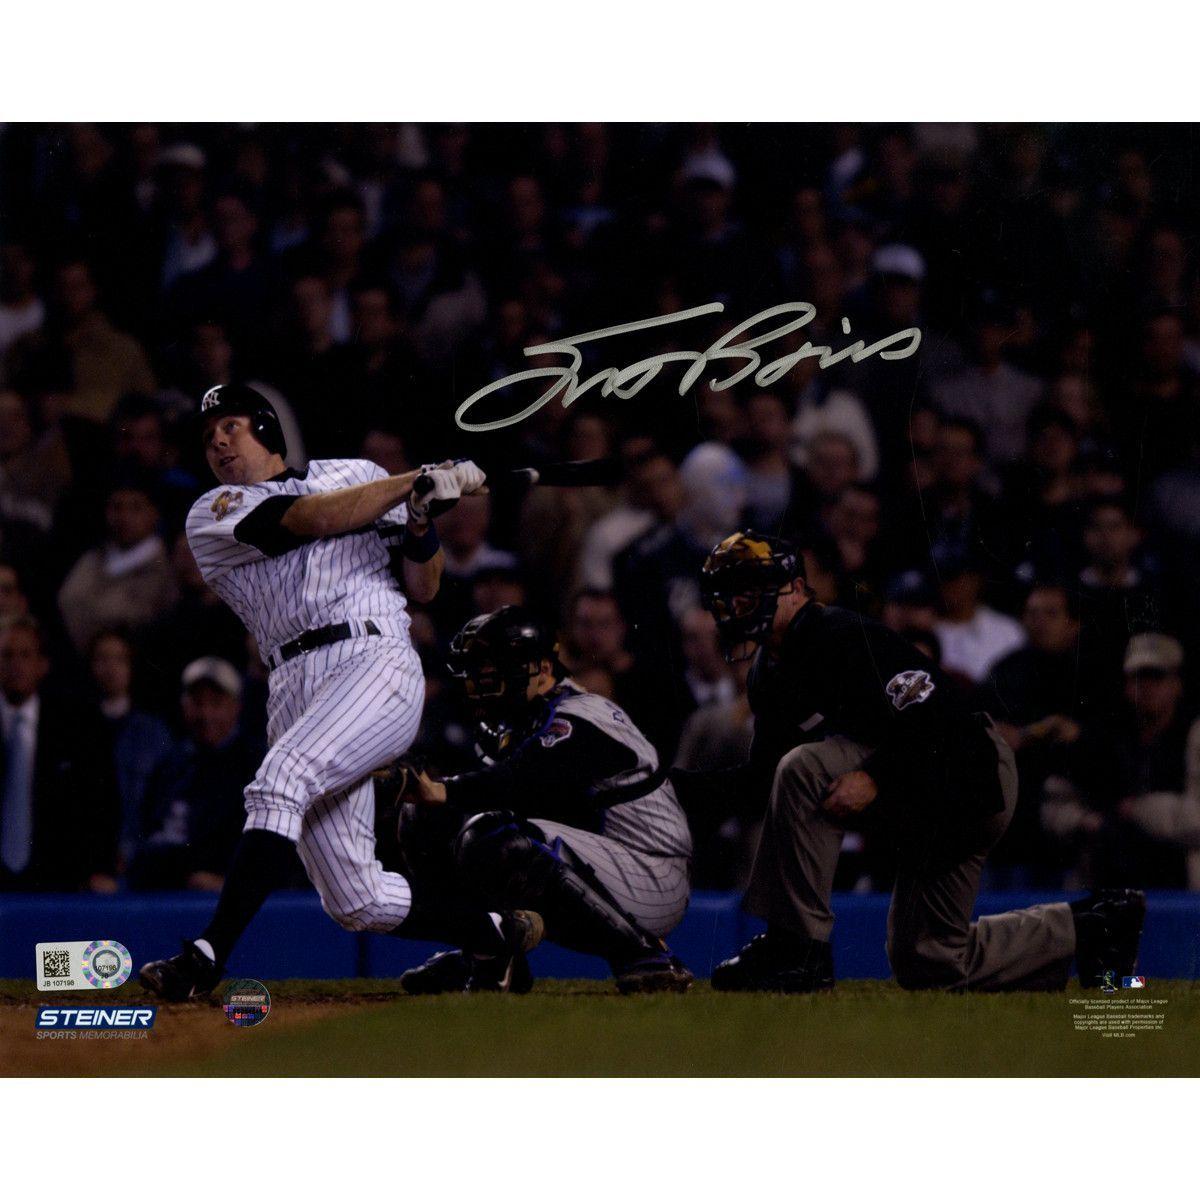 Scott Brosius Signed 2001 WS HR Swinging 8x10 Photo ( MLB Auth)